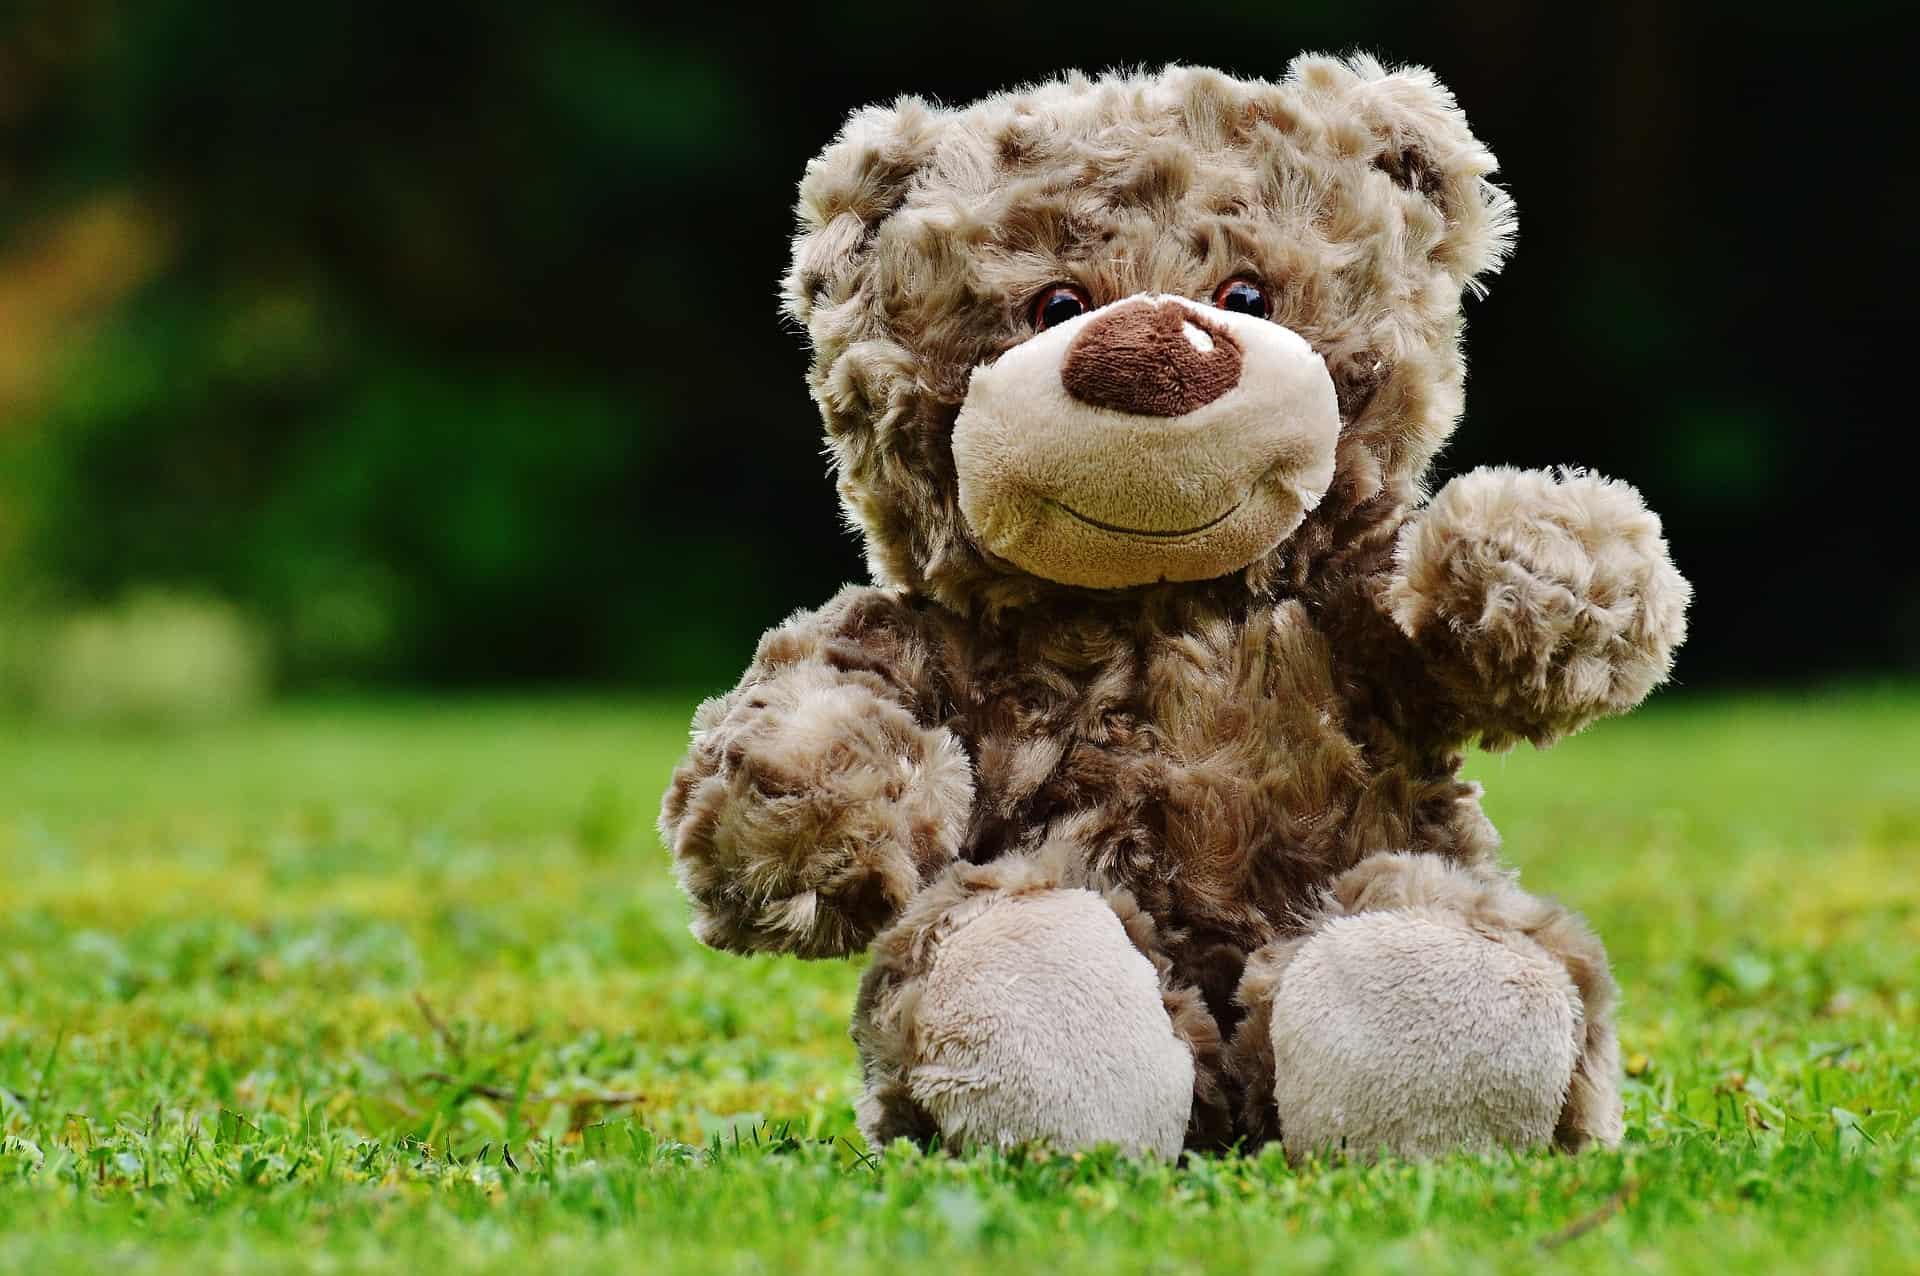 Urso de pelúcia gigante sentado na grama.